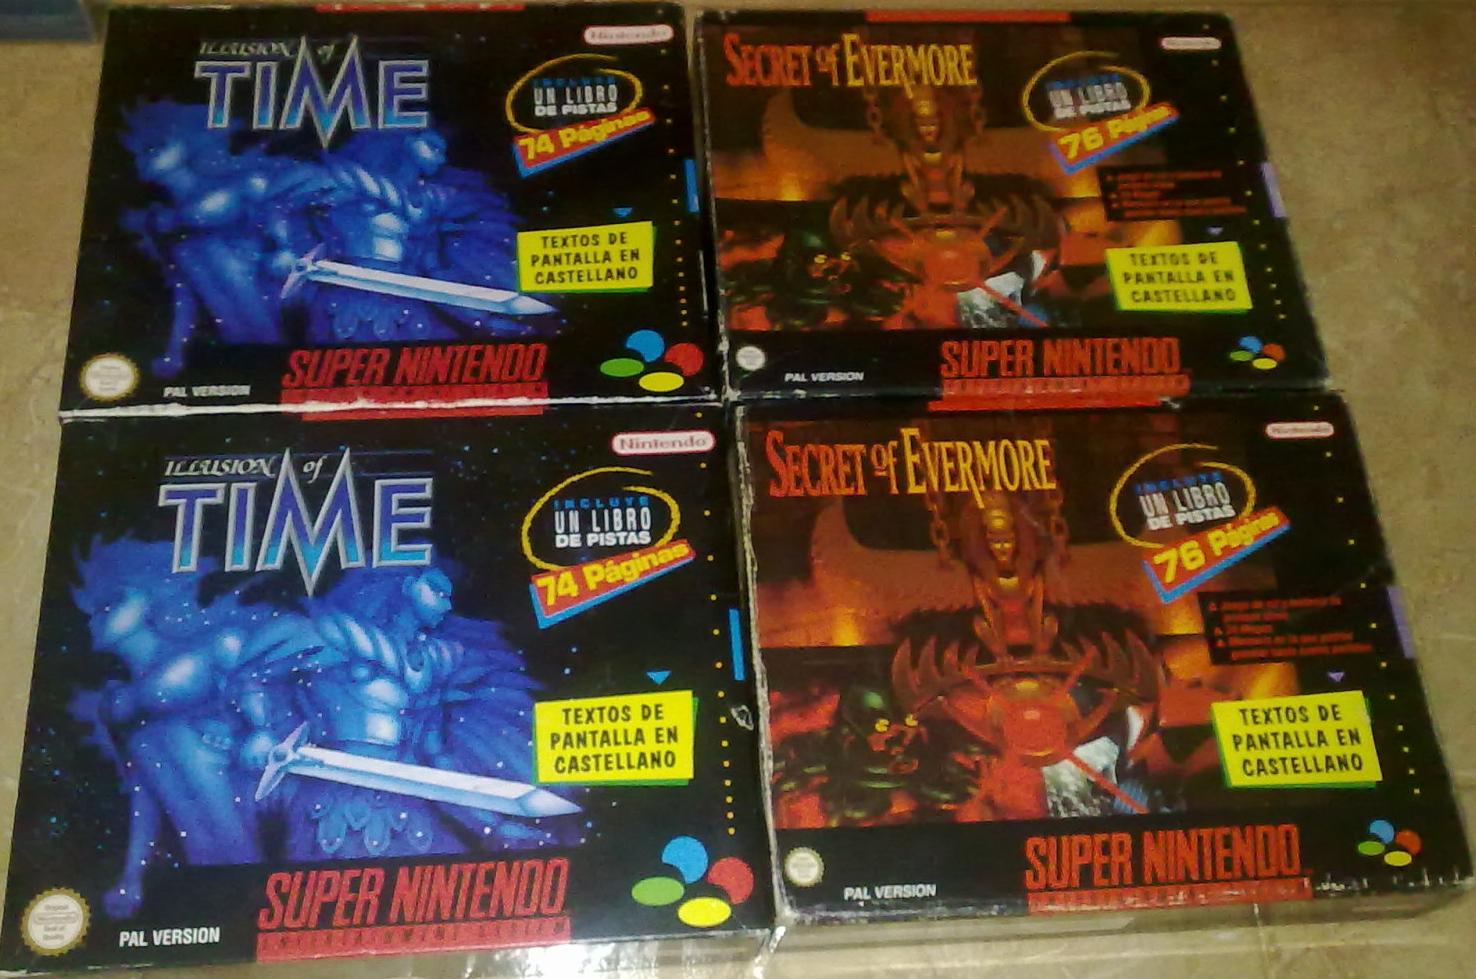 Los Juegos Mas Buscados De Super Nintendo Hobbyconsolas Juegos